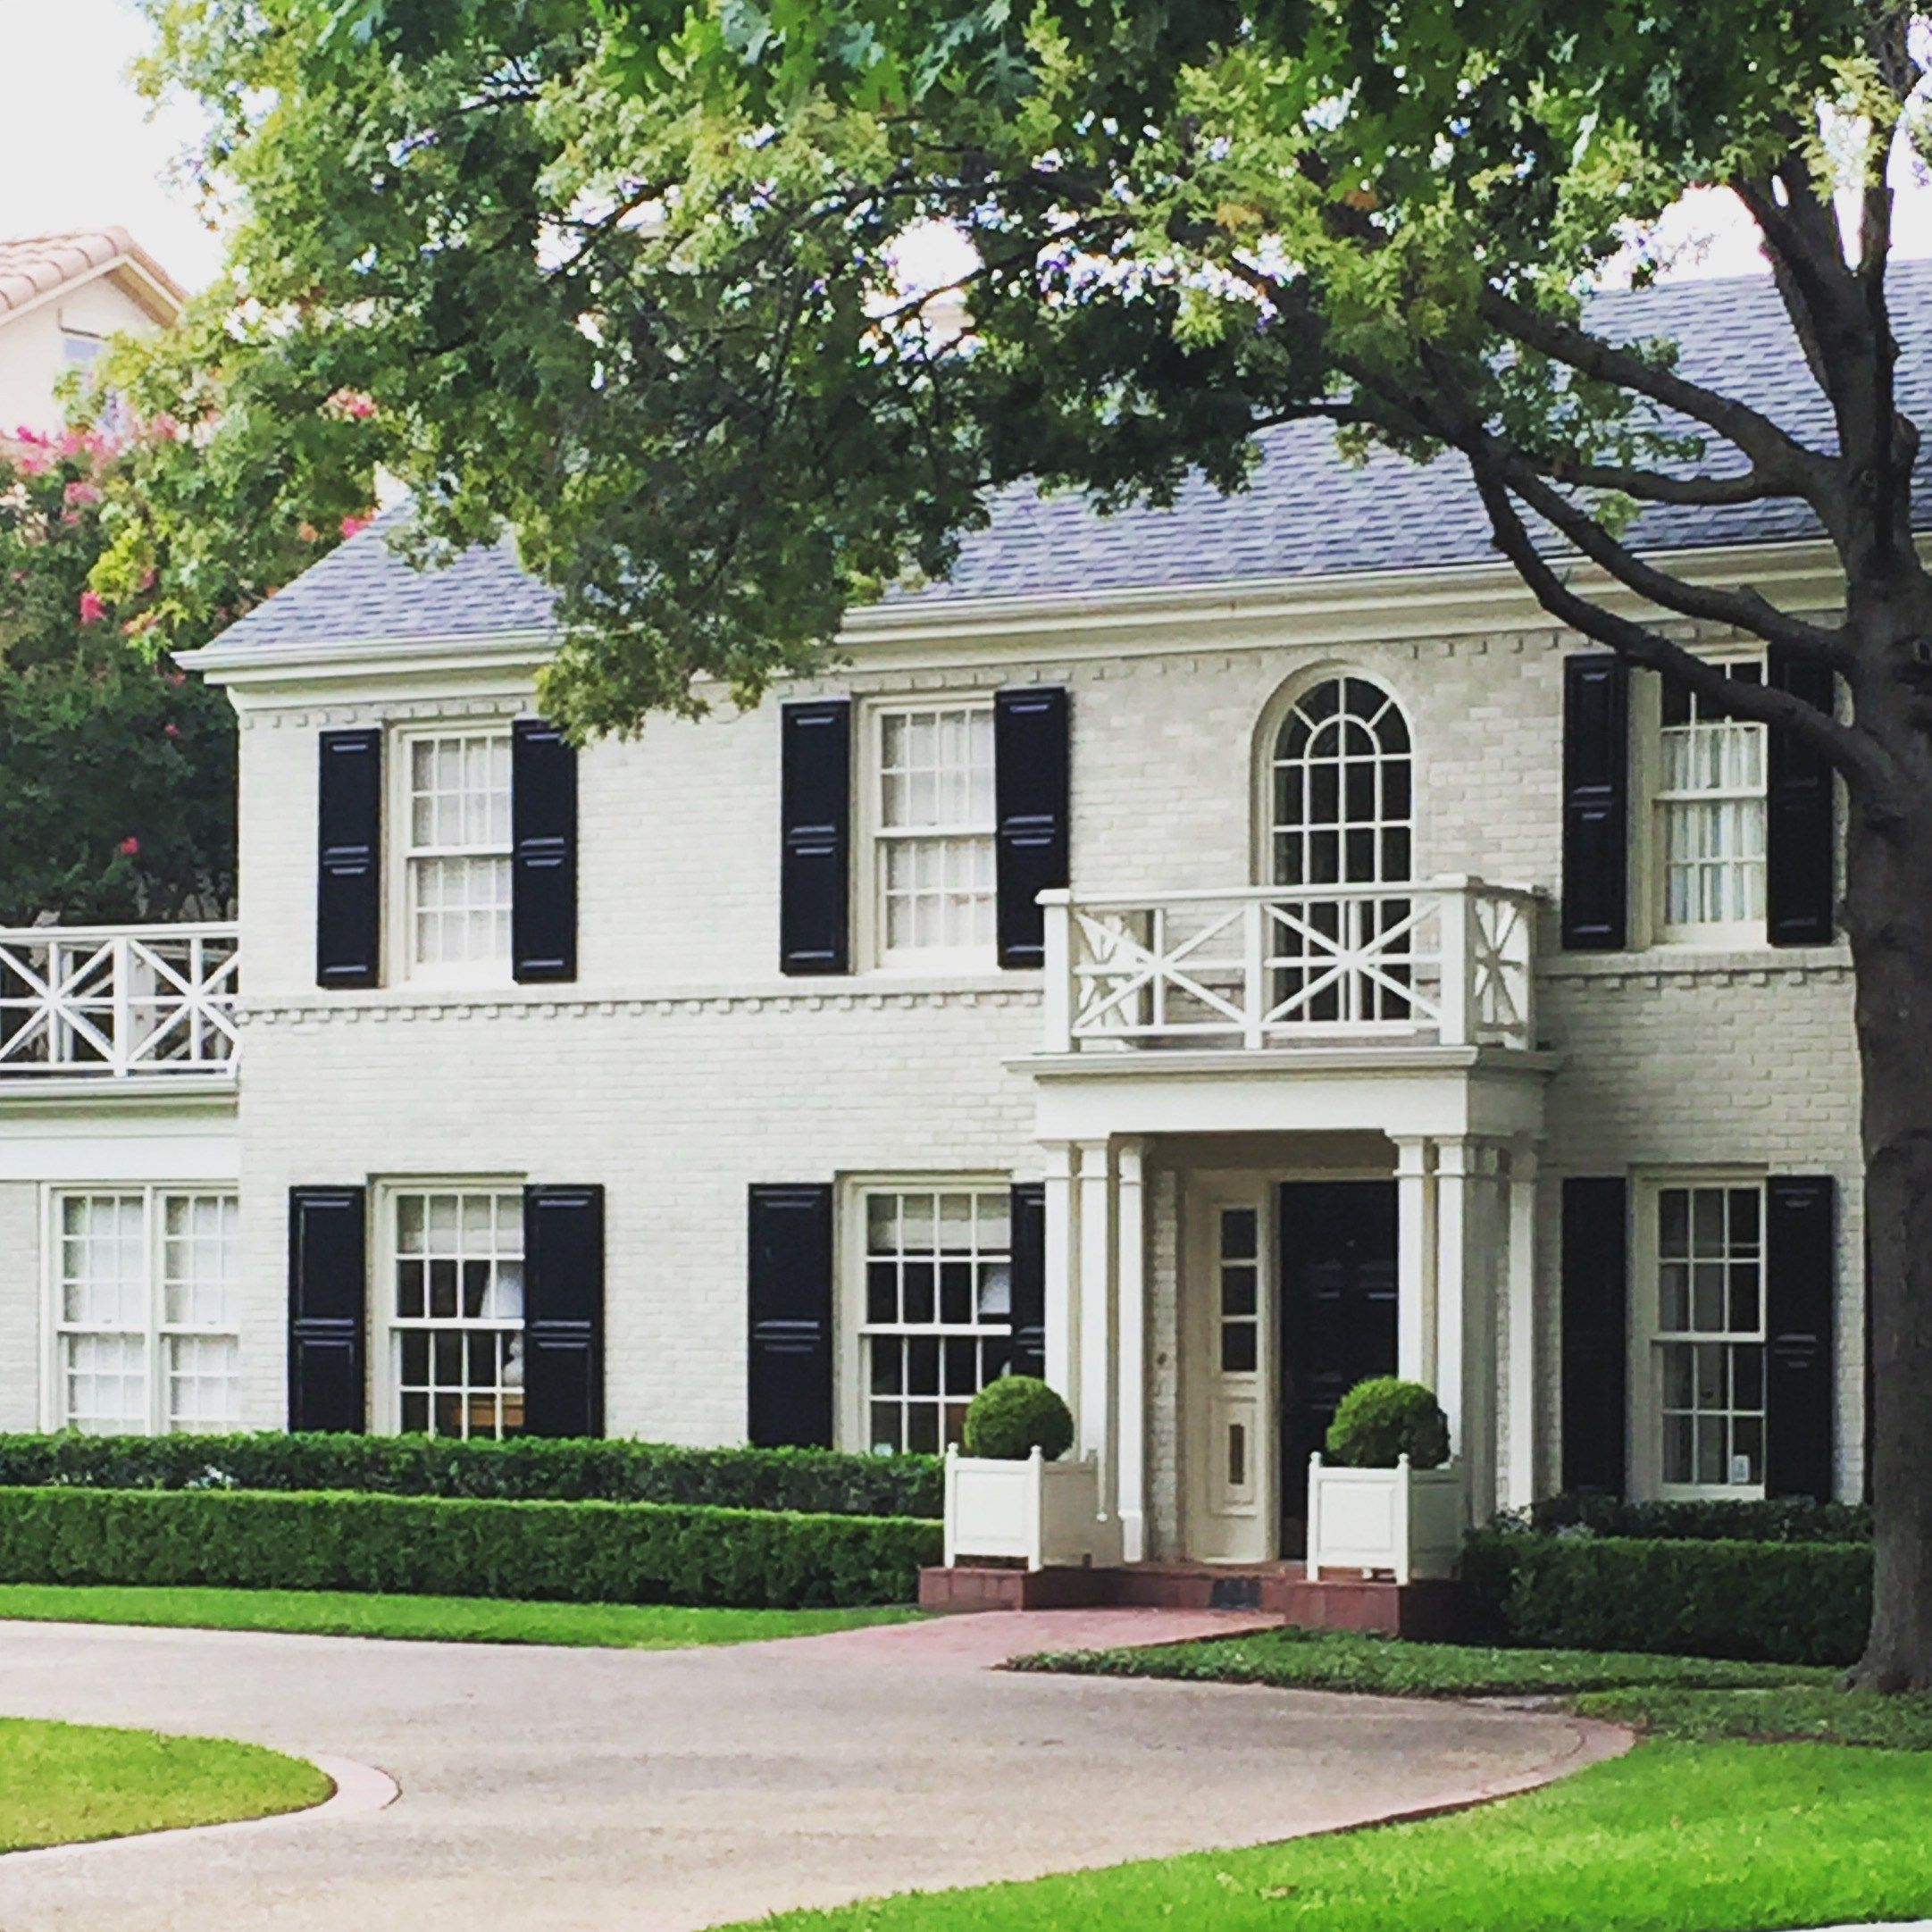 Exterior House Design Programs: Facade House, Exterior Makeover, Exterior